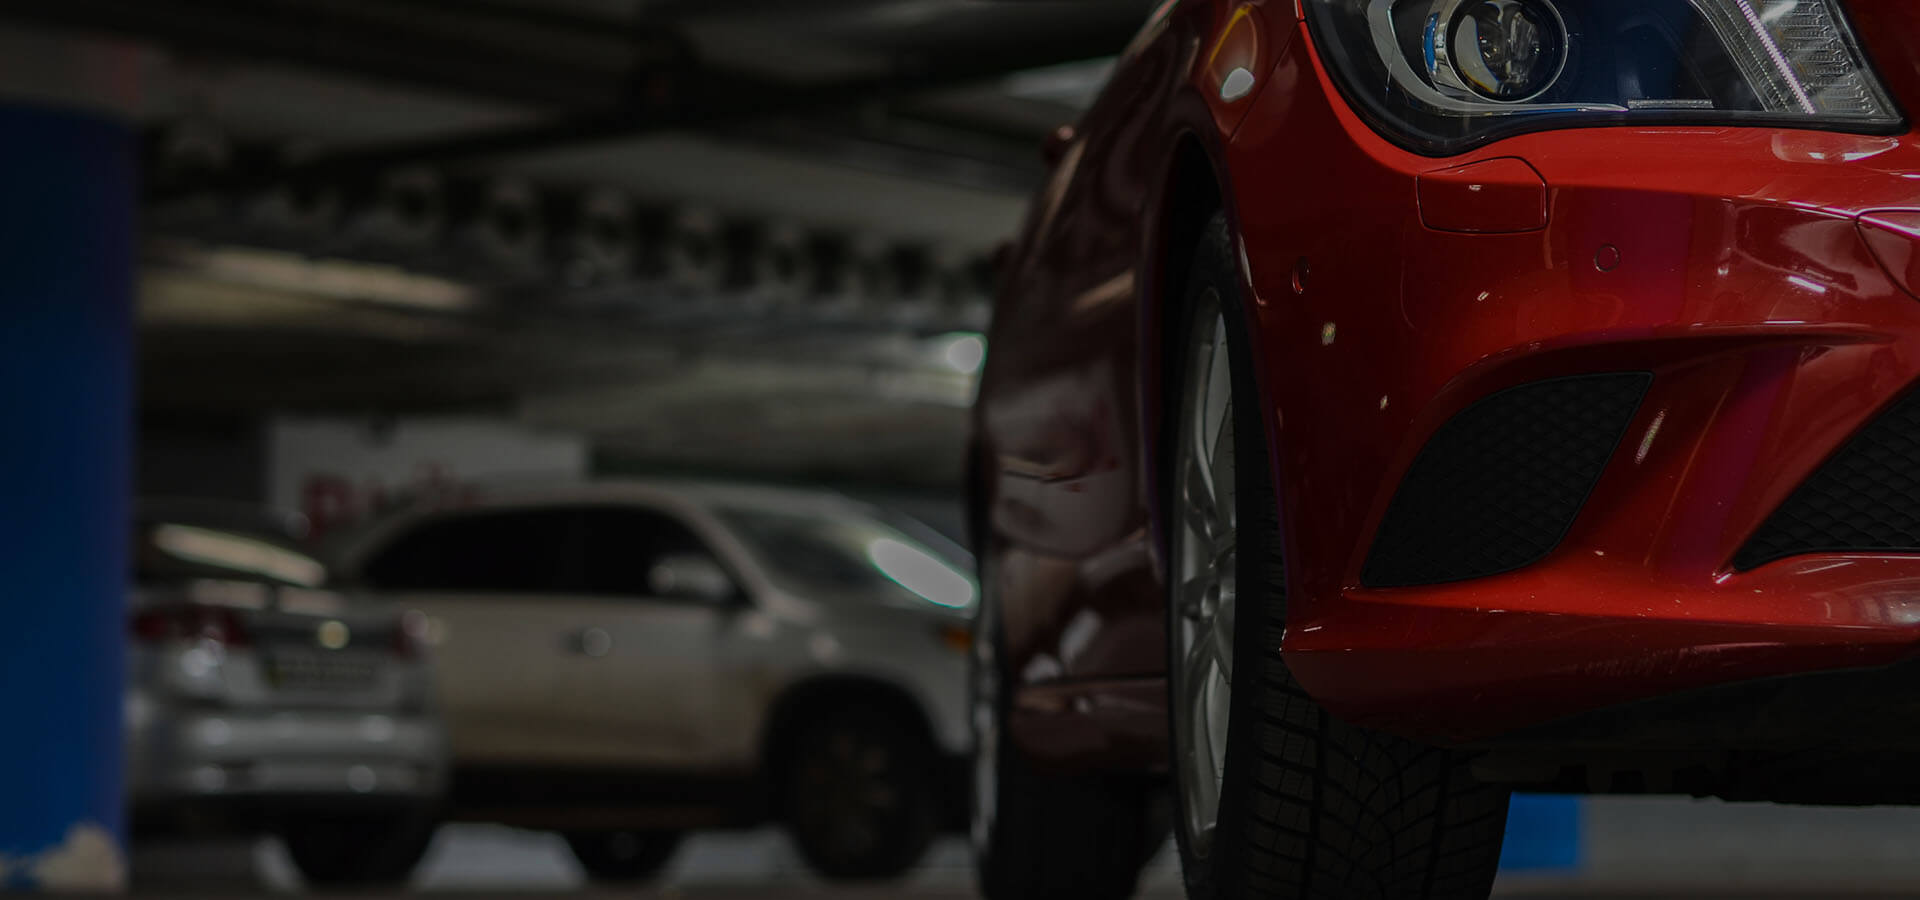 Faccin Auto valdagno Auto nuove ed Usate, Permute usato su usato